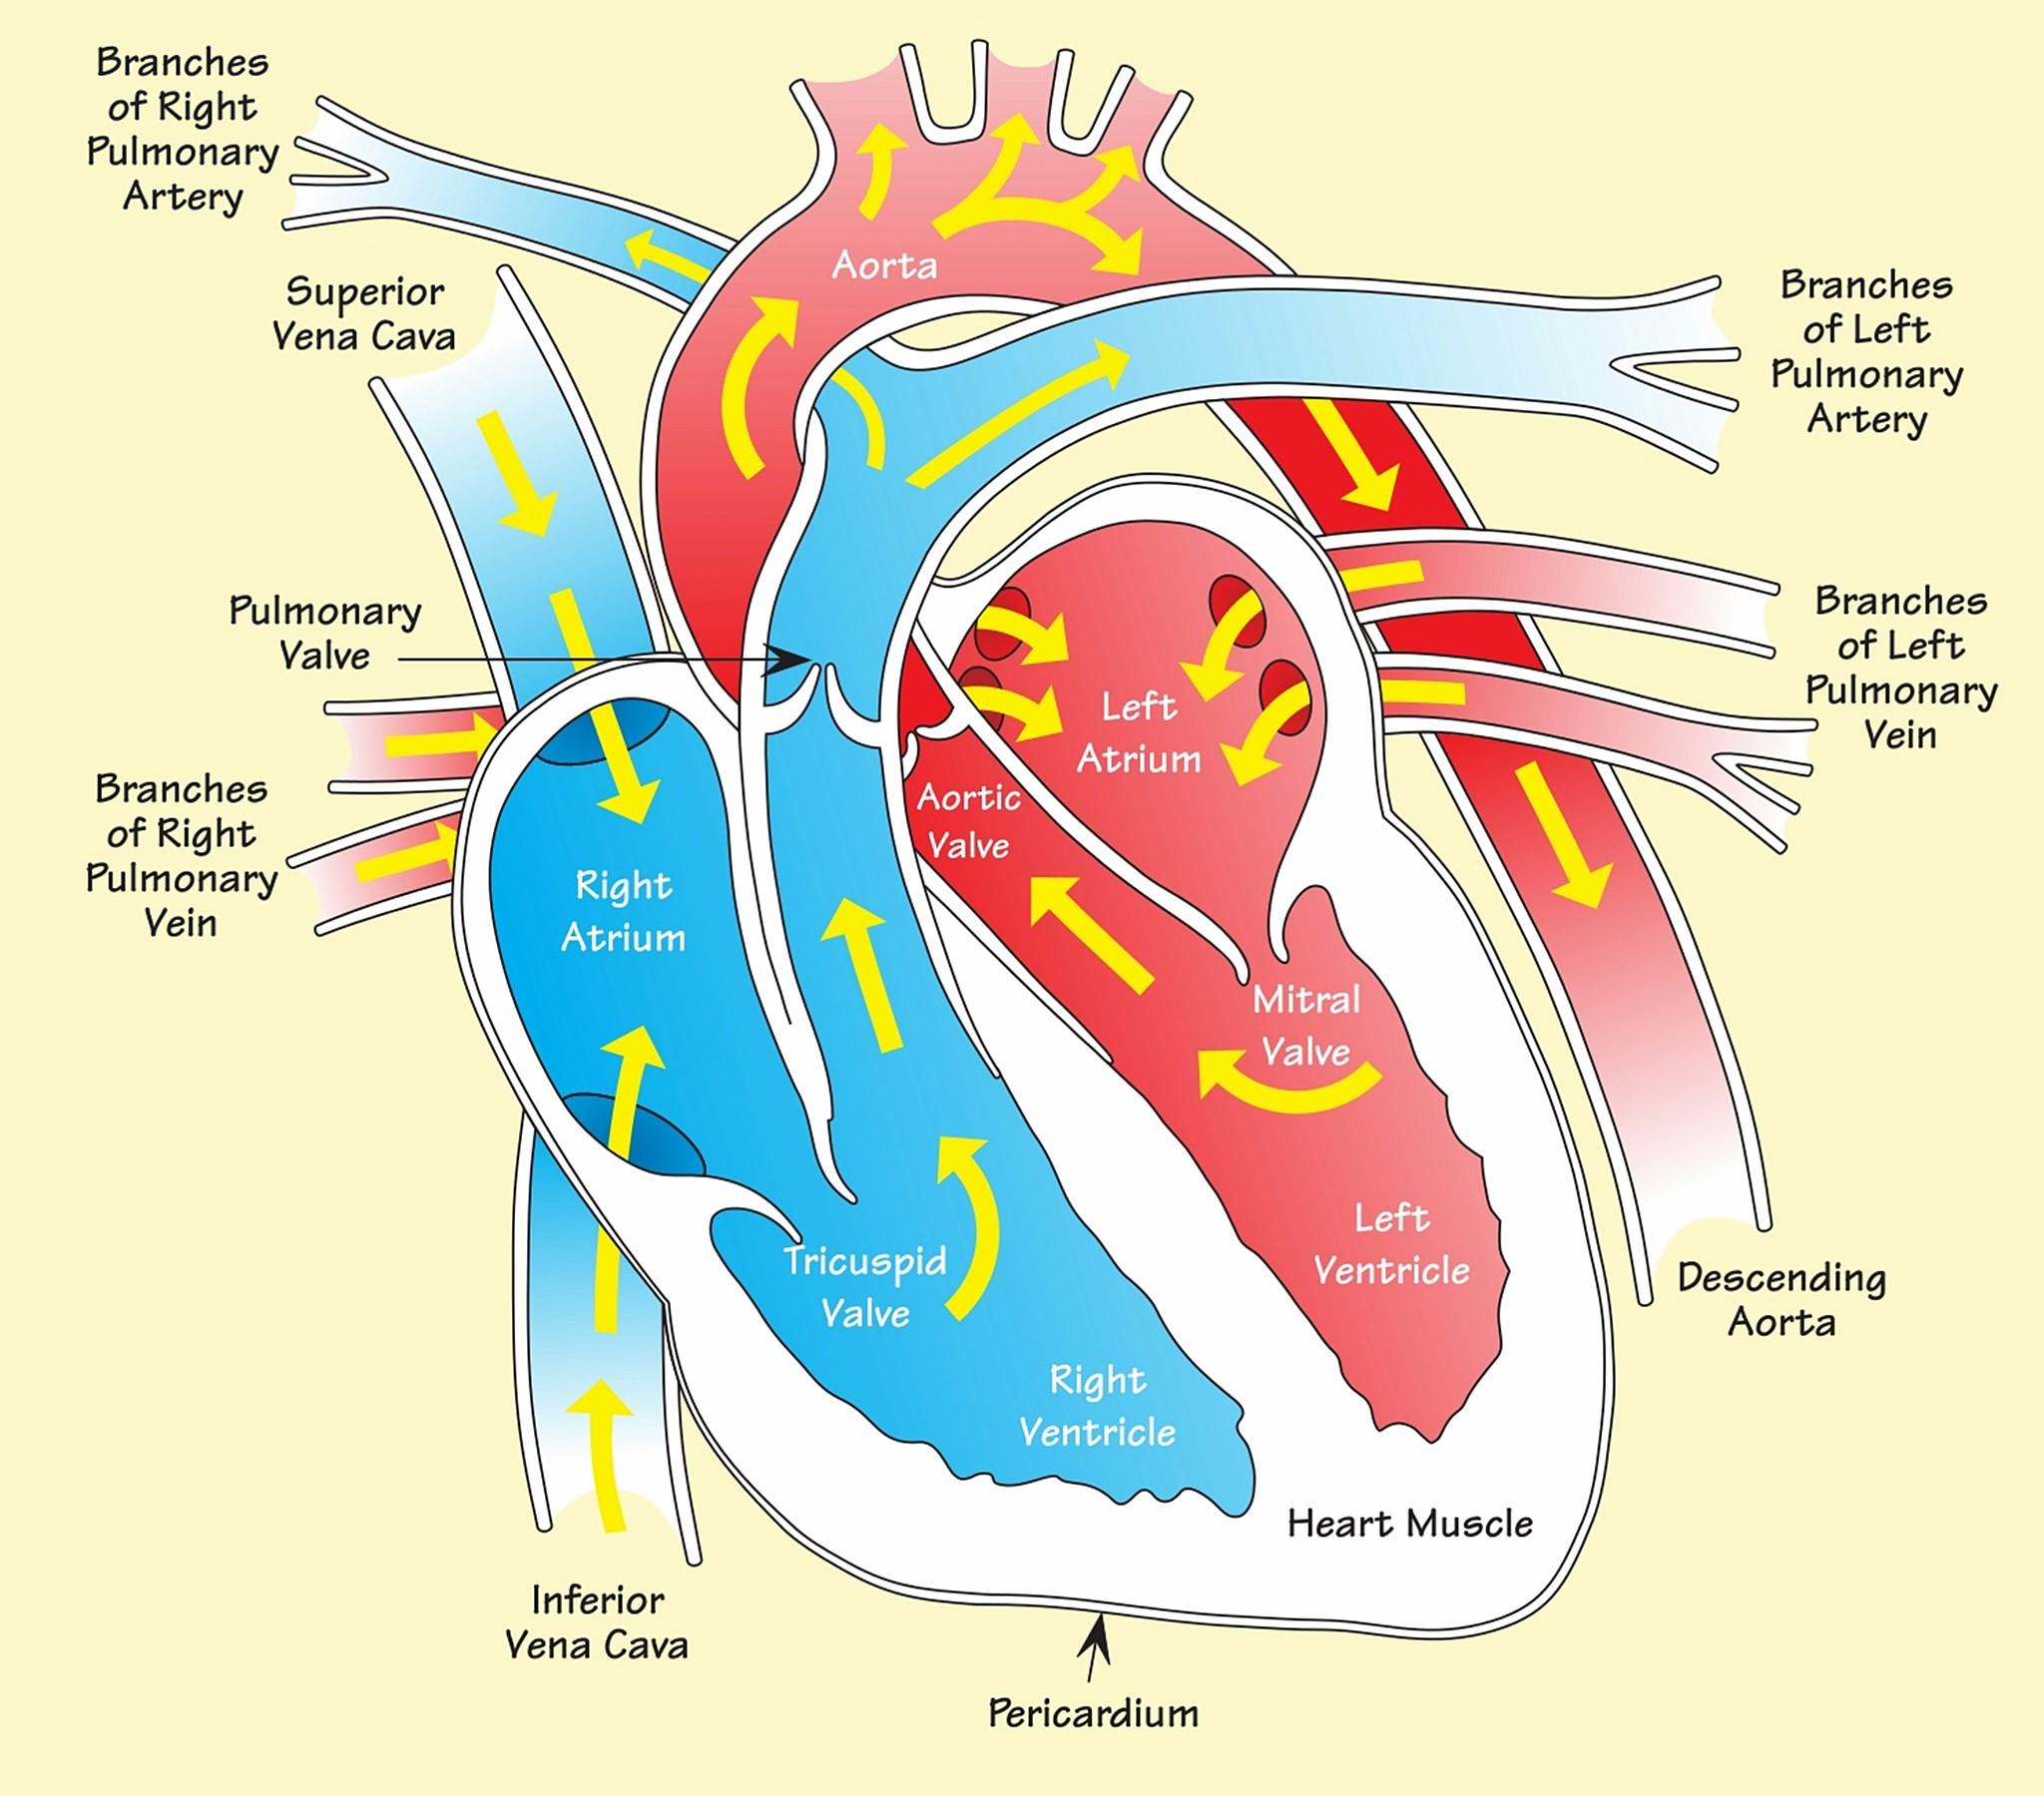 Plautinė hipertenzija: diagnostikos algoritmai ir optimali korekcija | mul.lt